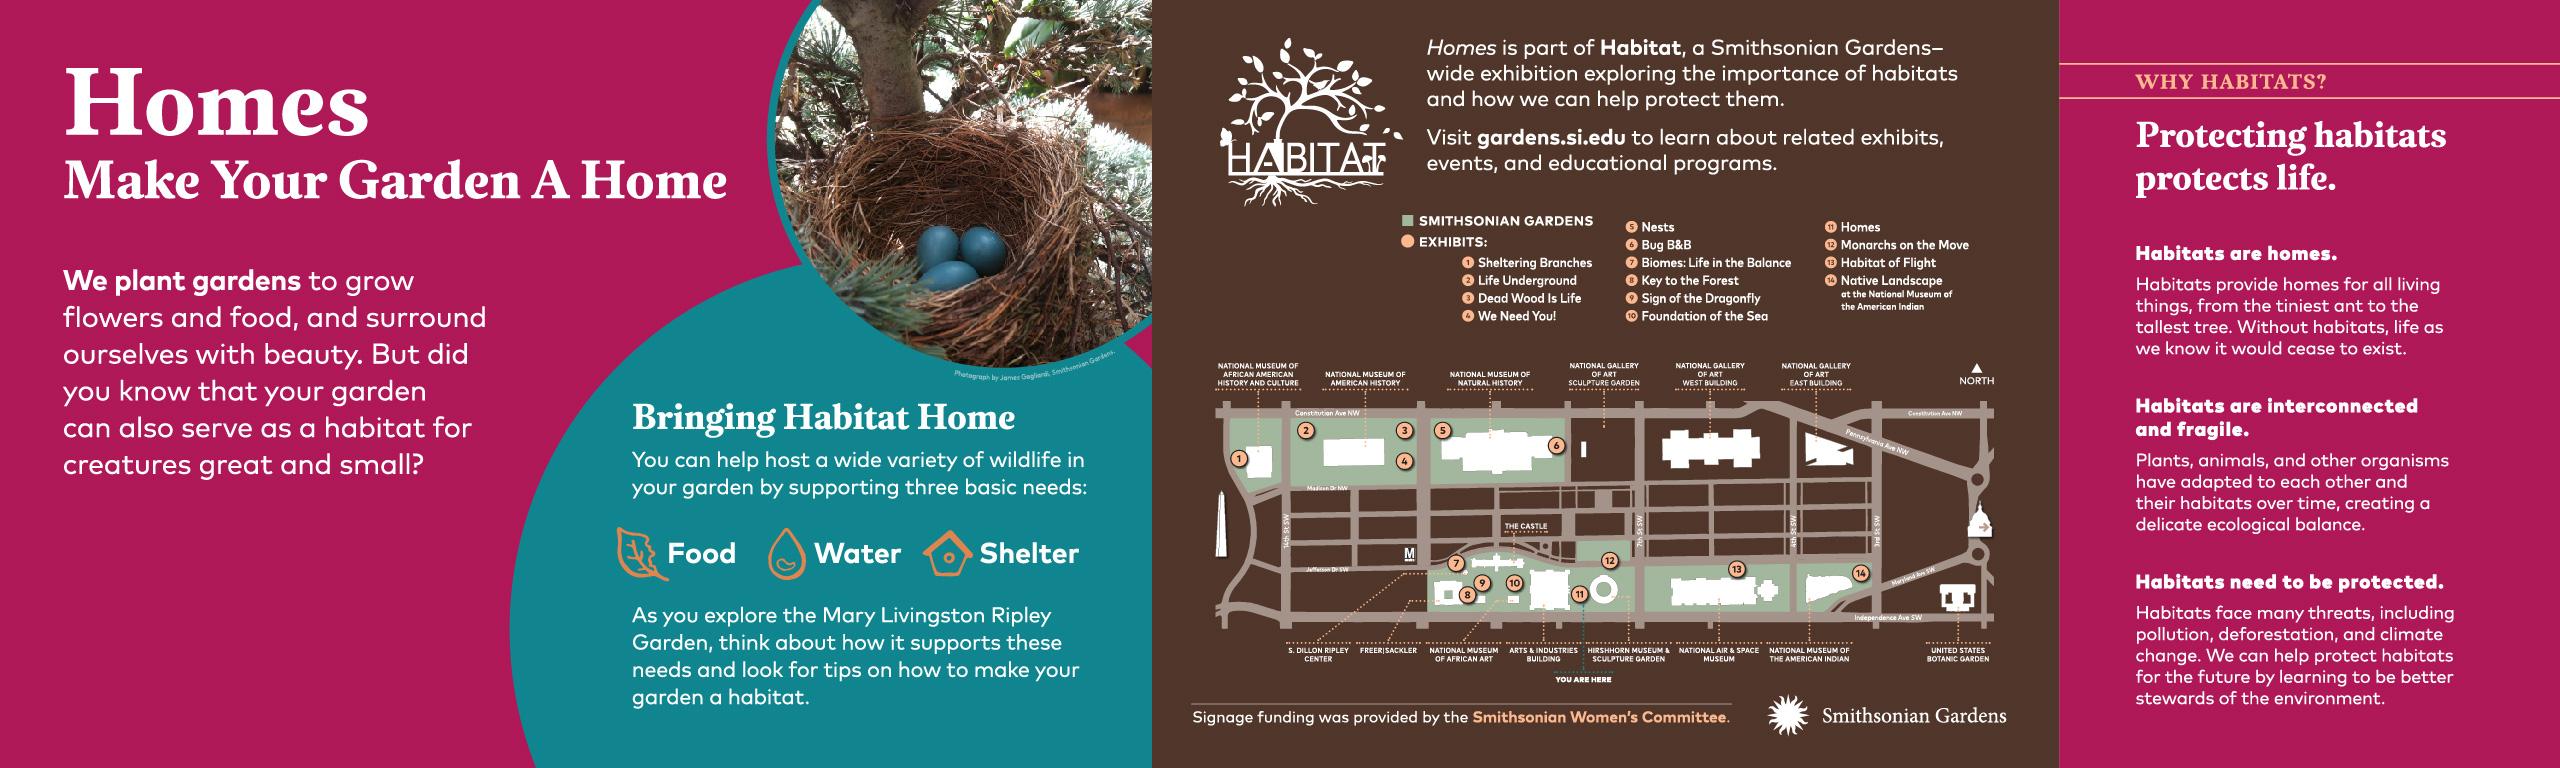 Homes: Make Your Garden A Home exhibit sign